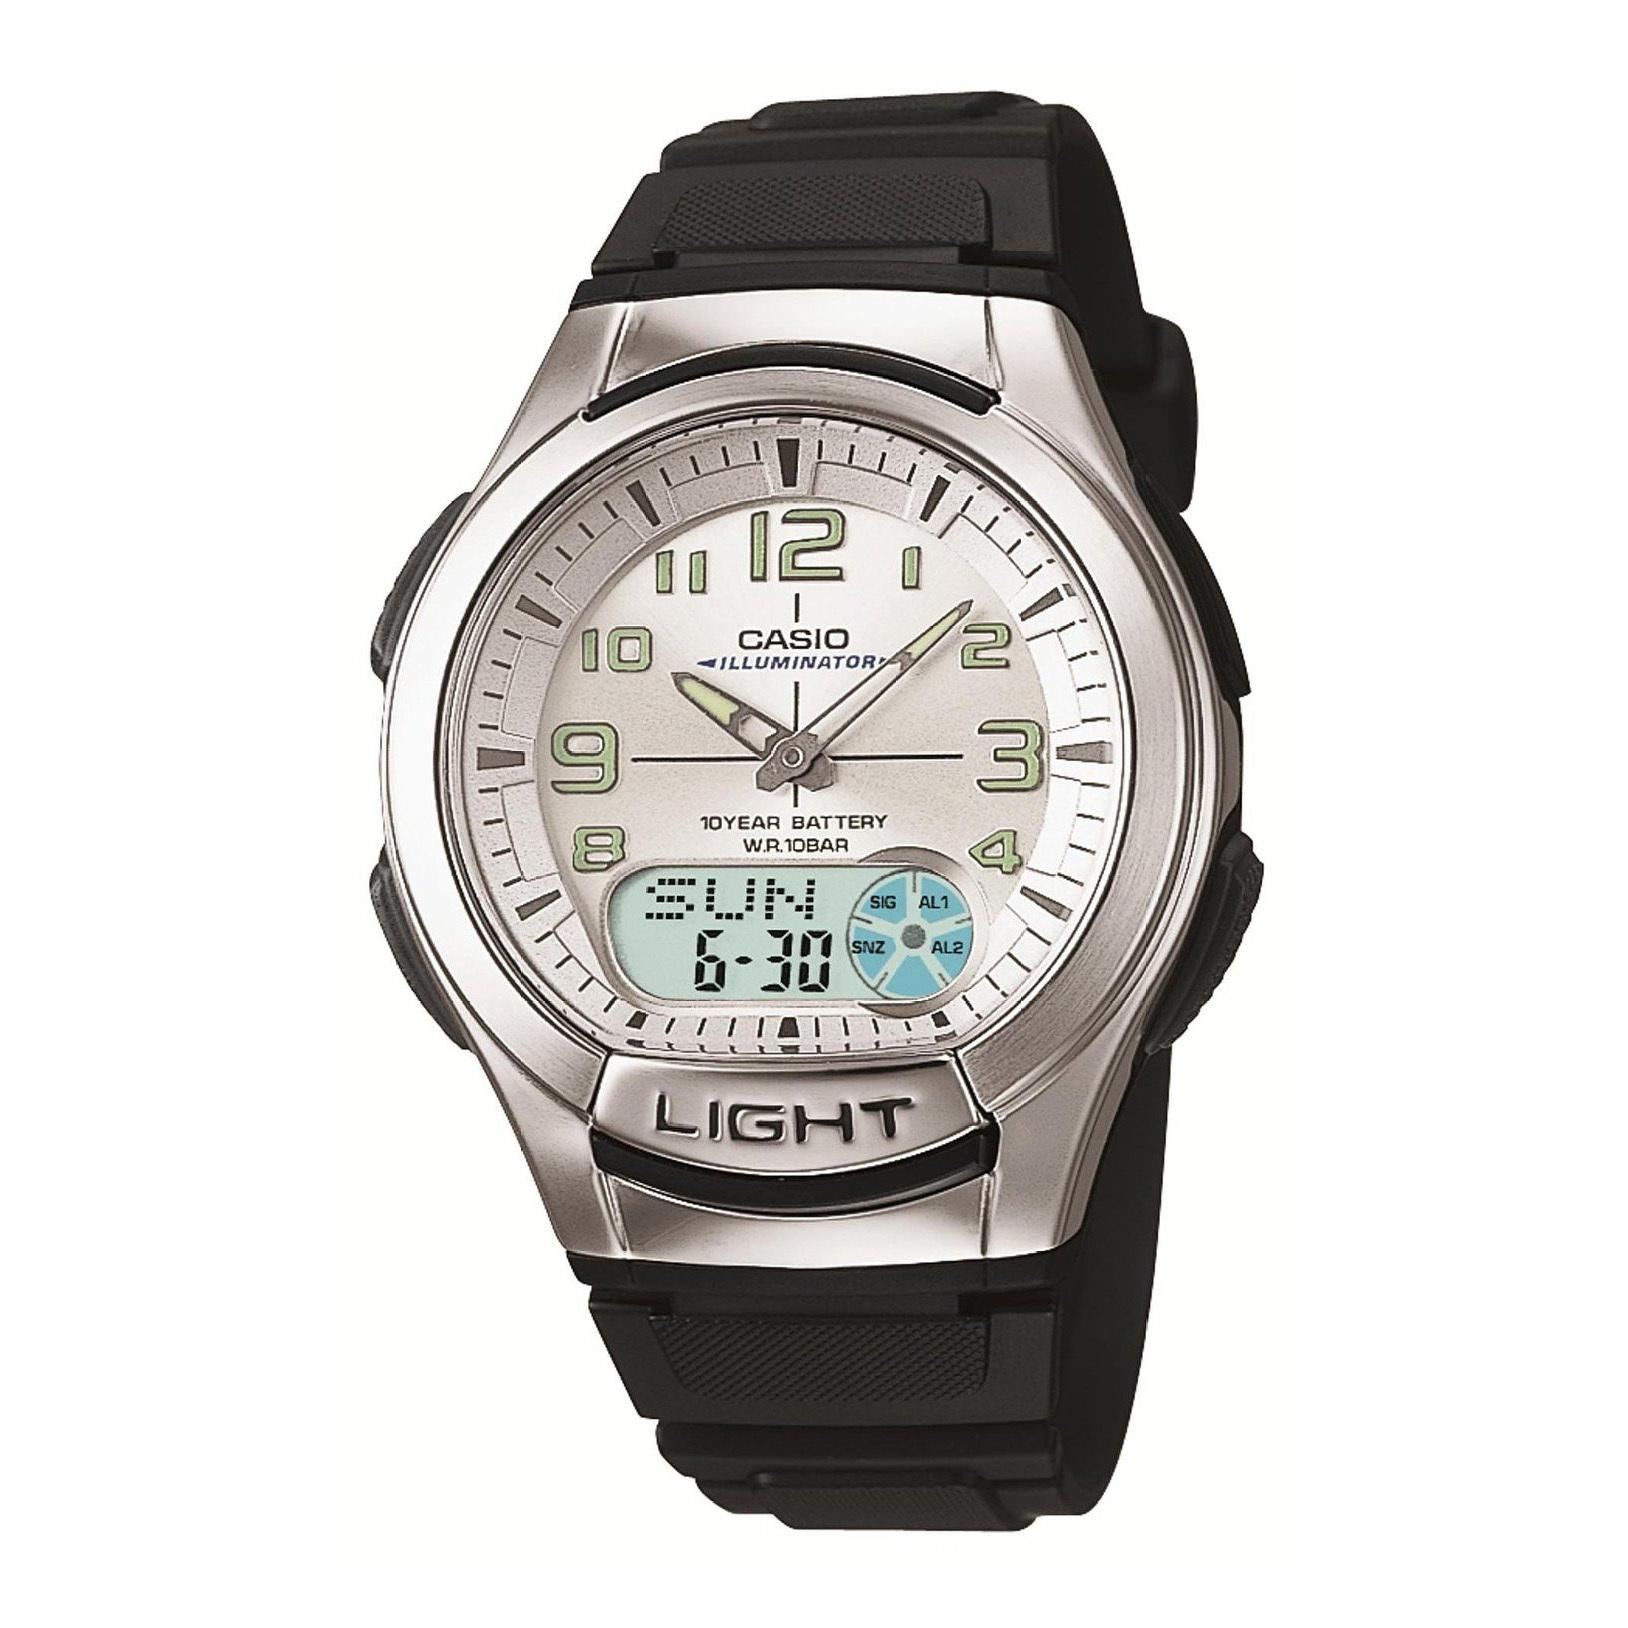 Часы Casio AQ-180W-7BЧАСЫ CASIO<br>Часы Casio AQ-180W-7B c электрической подсветкой (для освещения циферблата используется светодиод), записной и телефонной книжкой для хранения фамилий и номеров телефонов (максимальная емкость - 30 абонентов).<br>Также часы включают следующие функции: <br>• Отображение текущего времени в основных городах и регионах мира.<br>• Секундомер с точностью показаний 1/100 сек и максимальным временем измерения - 24 час. <br>• Таймер обратного отсчета. <br>• 3 ежедневных будильника. <br>• Функция повтора сигнала будильника (snooze). <br>• Автоматический календарь. <br>• Срок службы батареи 10 лет. <br>• Точность хода: не хуже +/-30 секунд в месяц. <br>• Ремешок из полимерного материала.<br><br>Перед использованием рекомендуем ознакомиться с инструкцией &gt;&gt;<br>